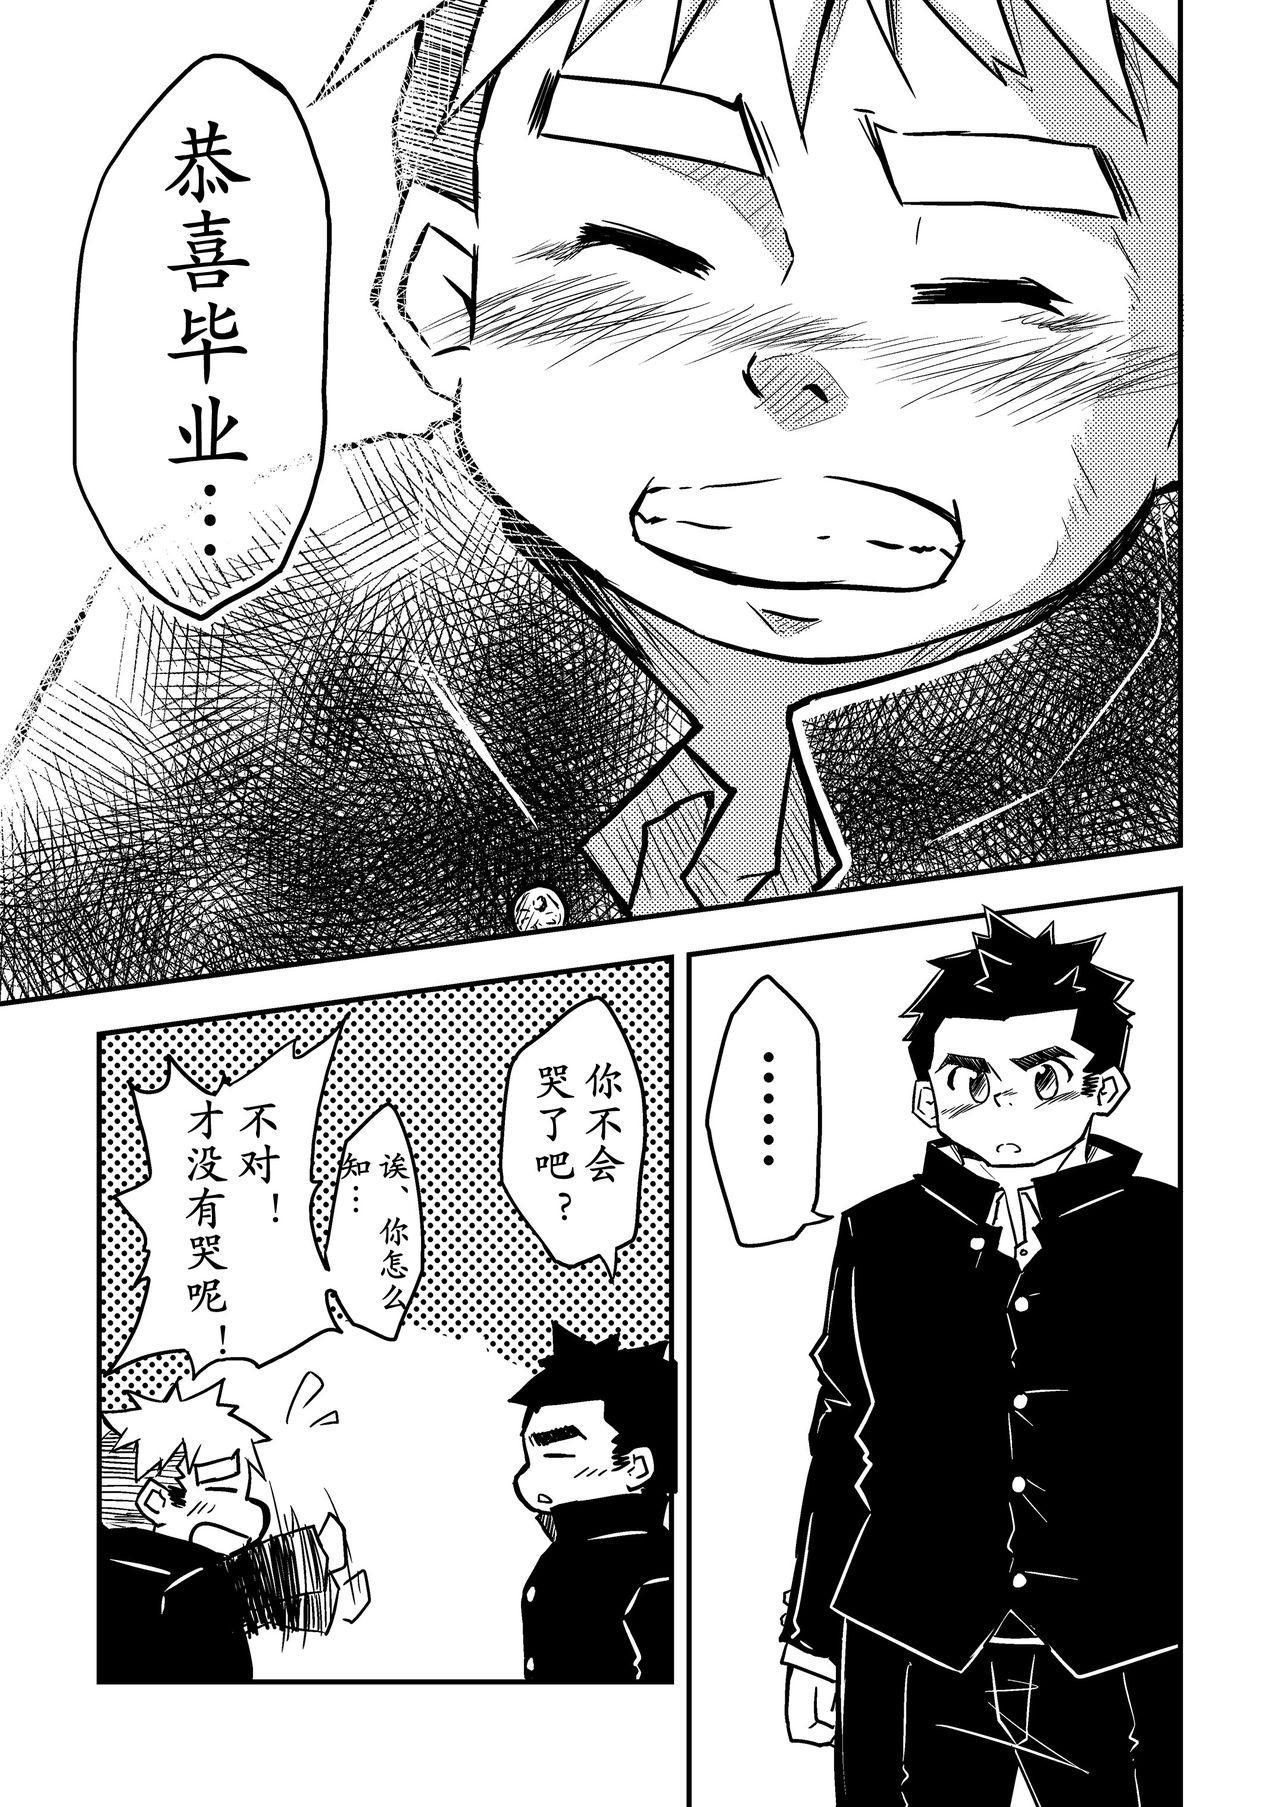 Datte Senpai ga Sukidakara! 3